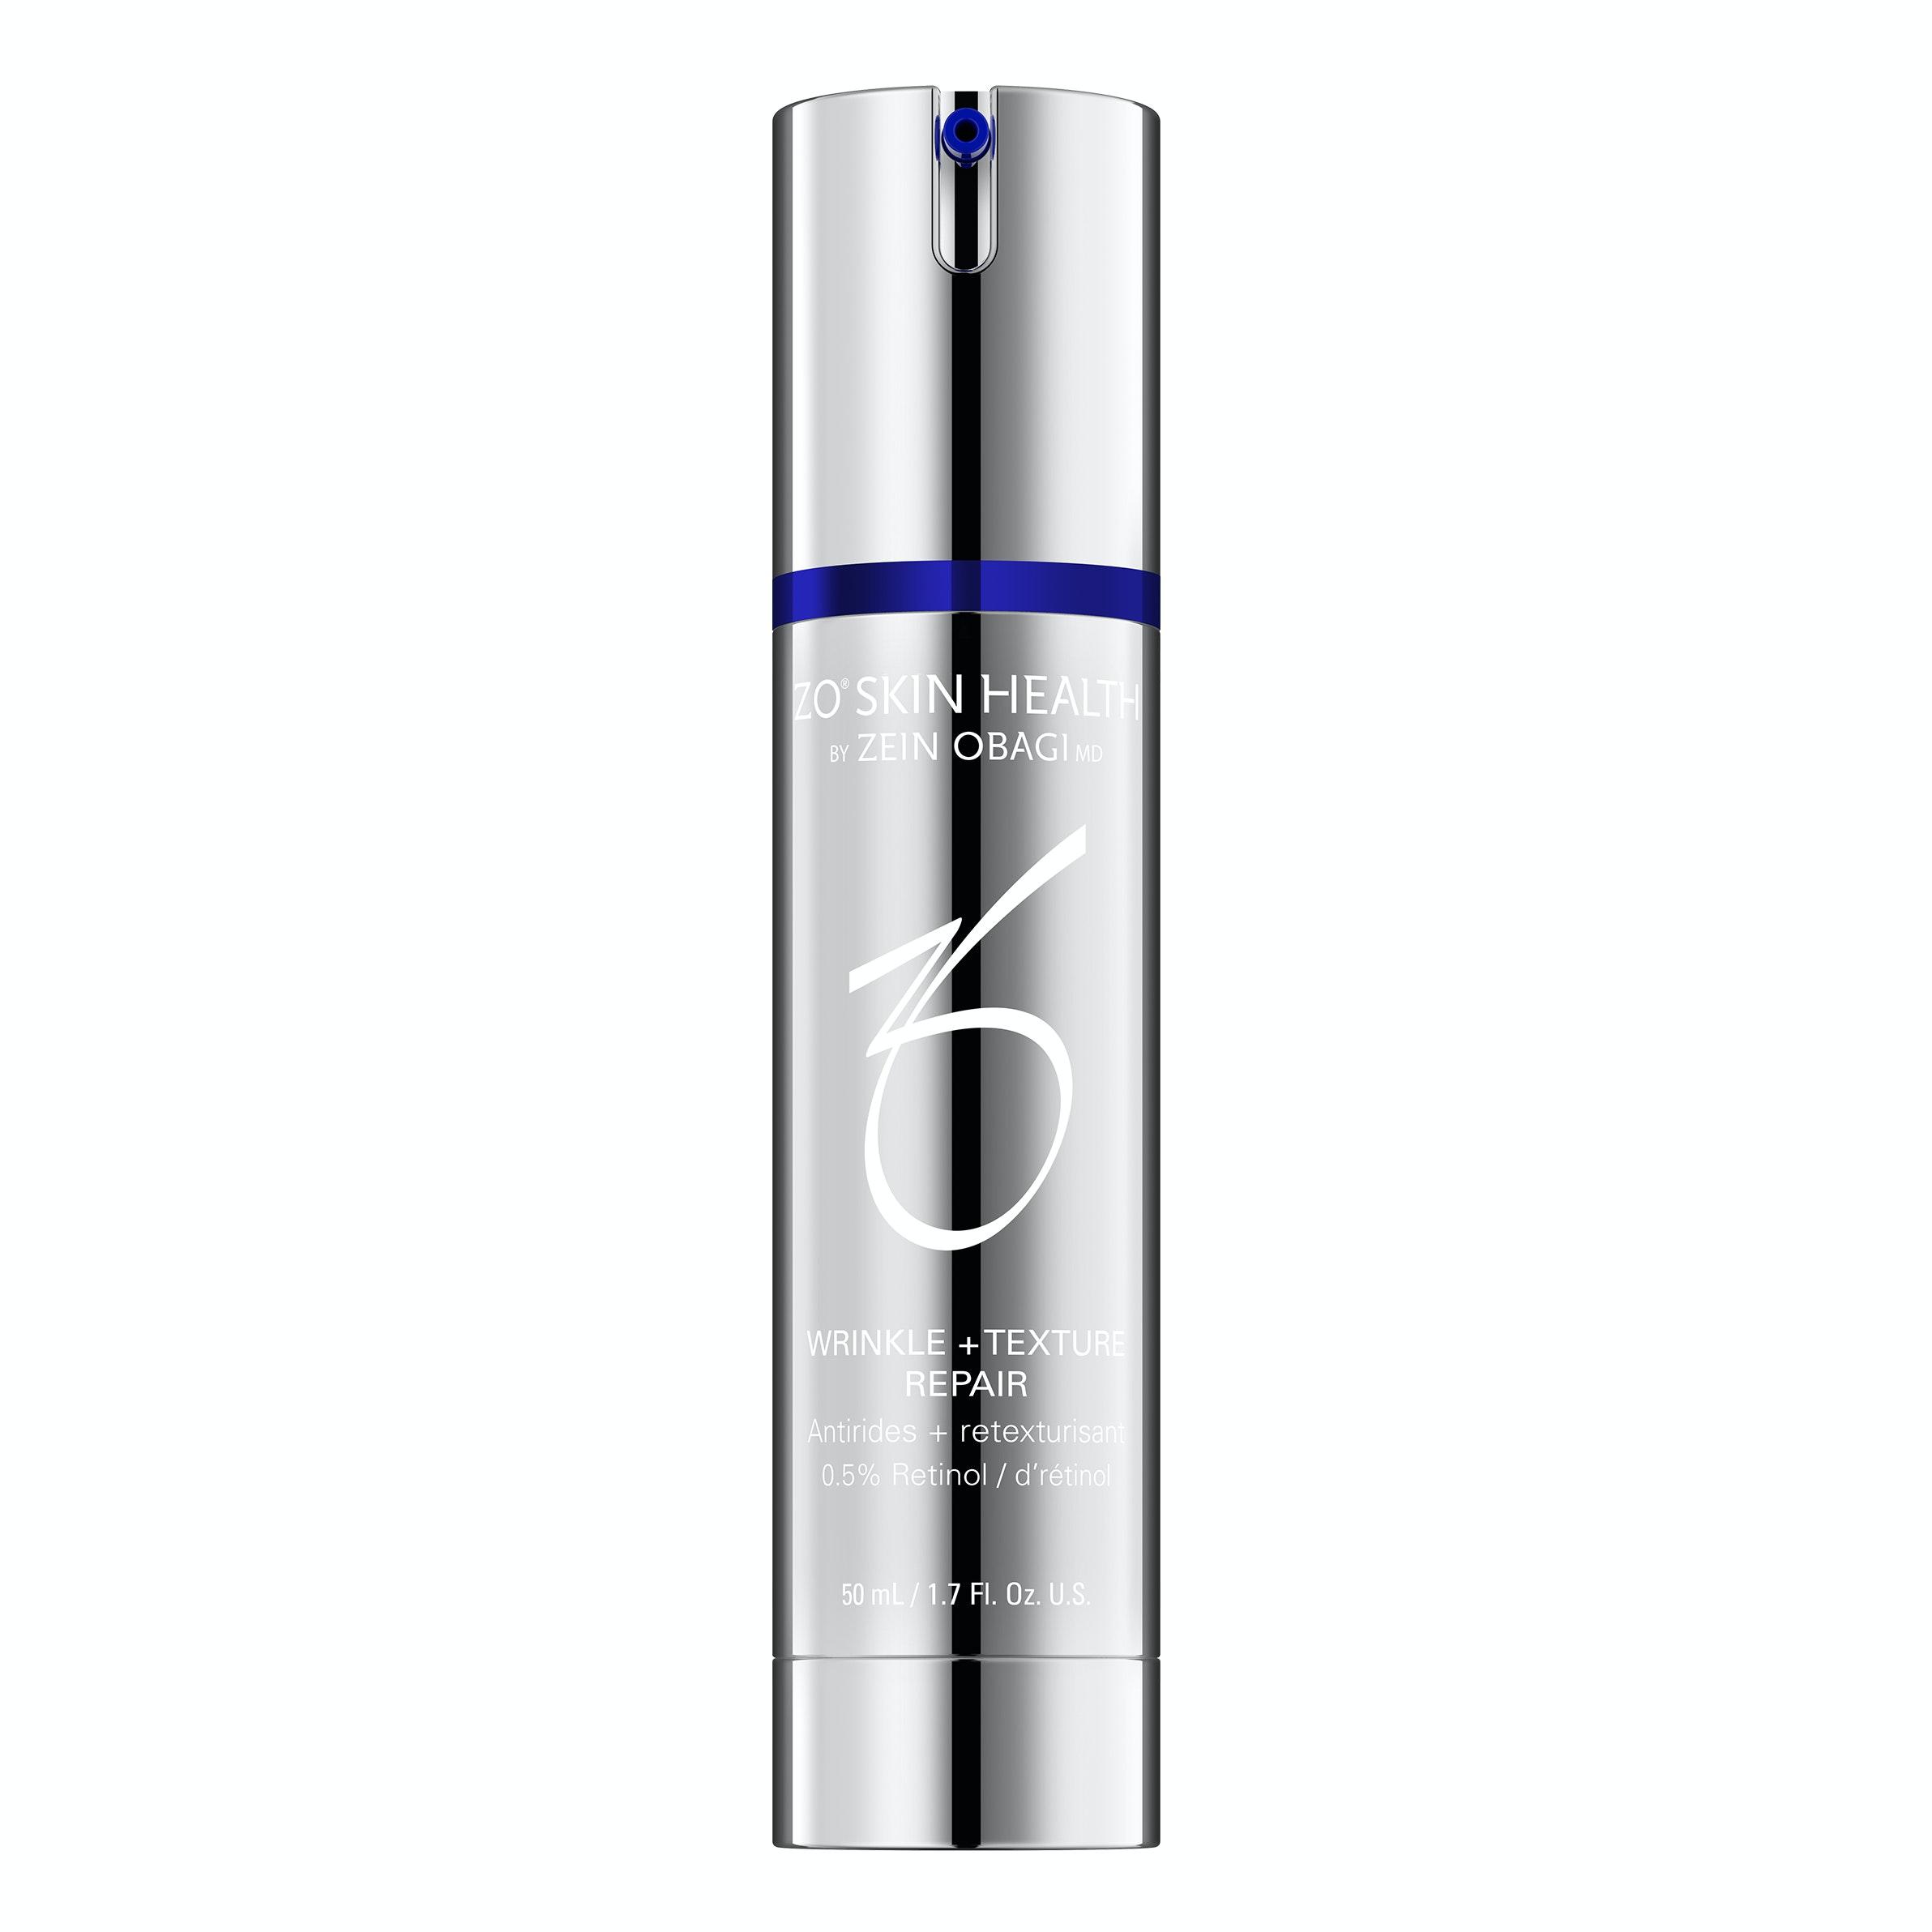 ZO® Skin Health Wrinkle + Texture Repair